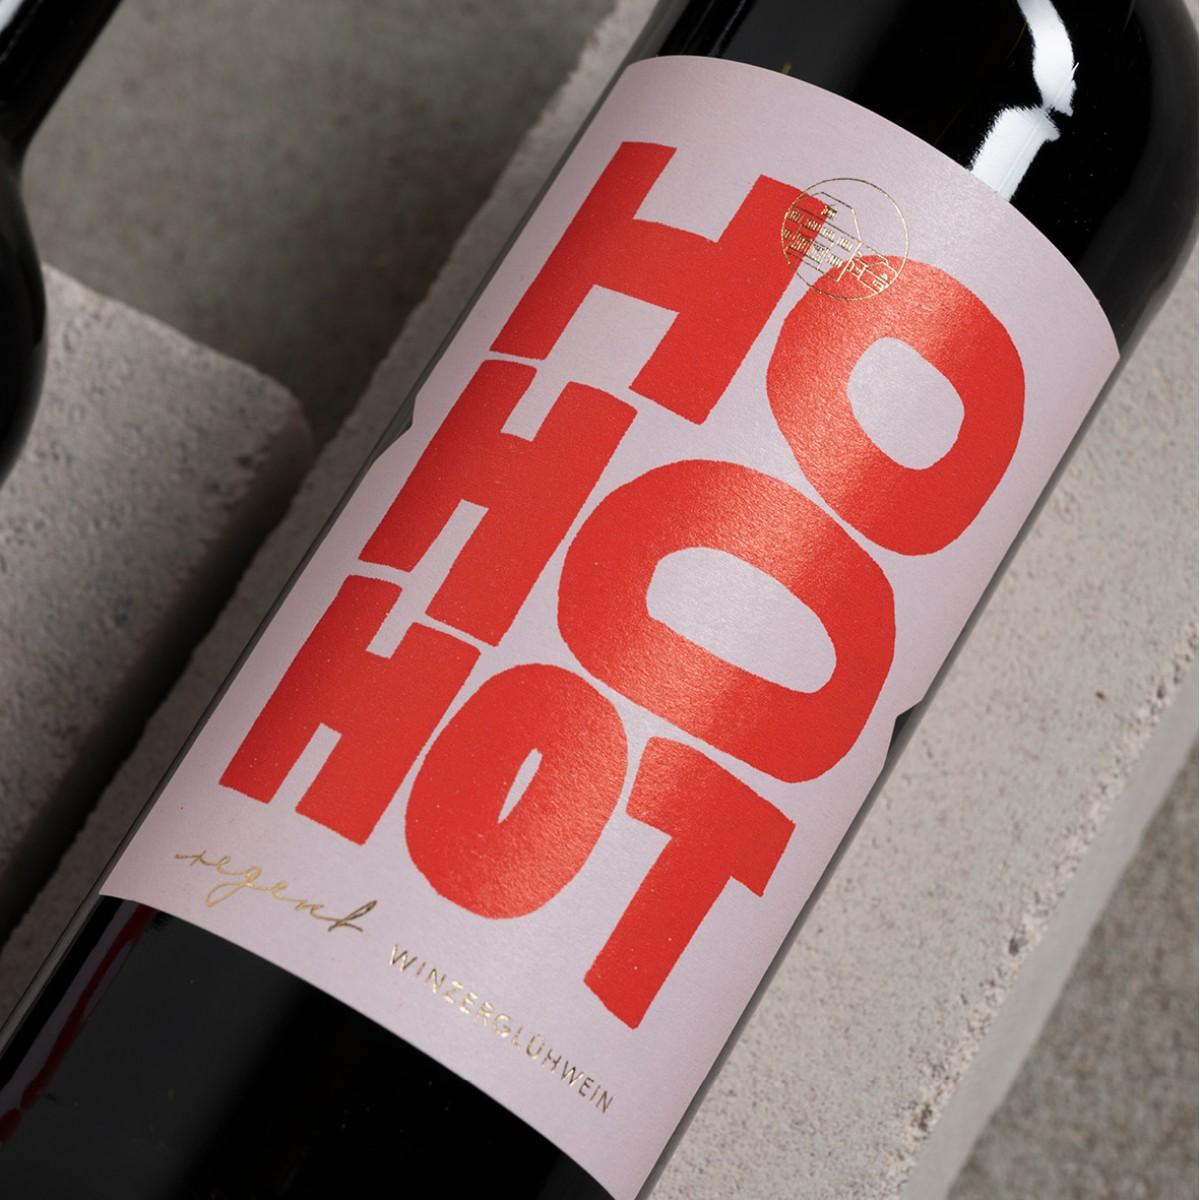 HO HO HOT - Winzerglühwein vom Weingut Krughof - 6er-/12er-Glühweinpaket (13,2 % Vol.)